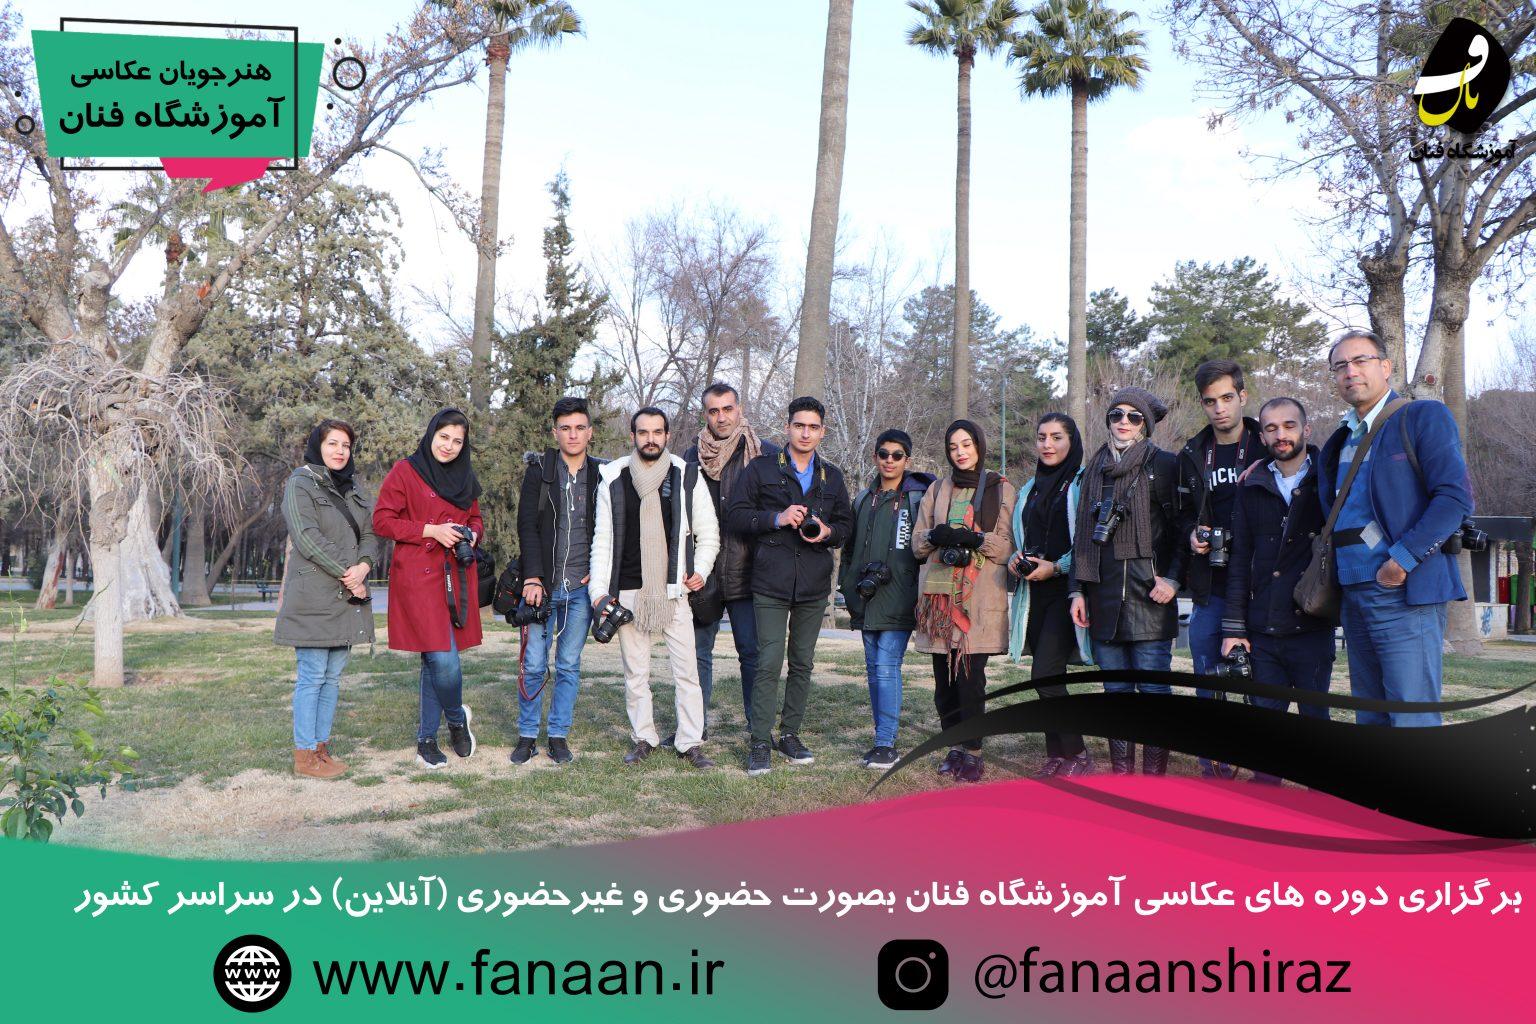 کلاس عکاسی شیراز